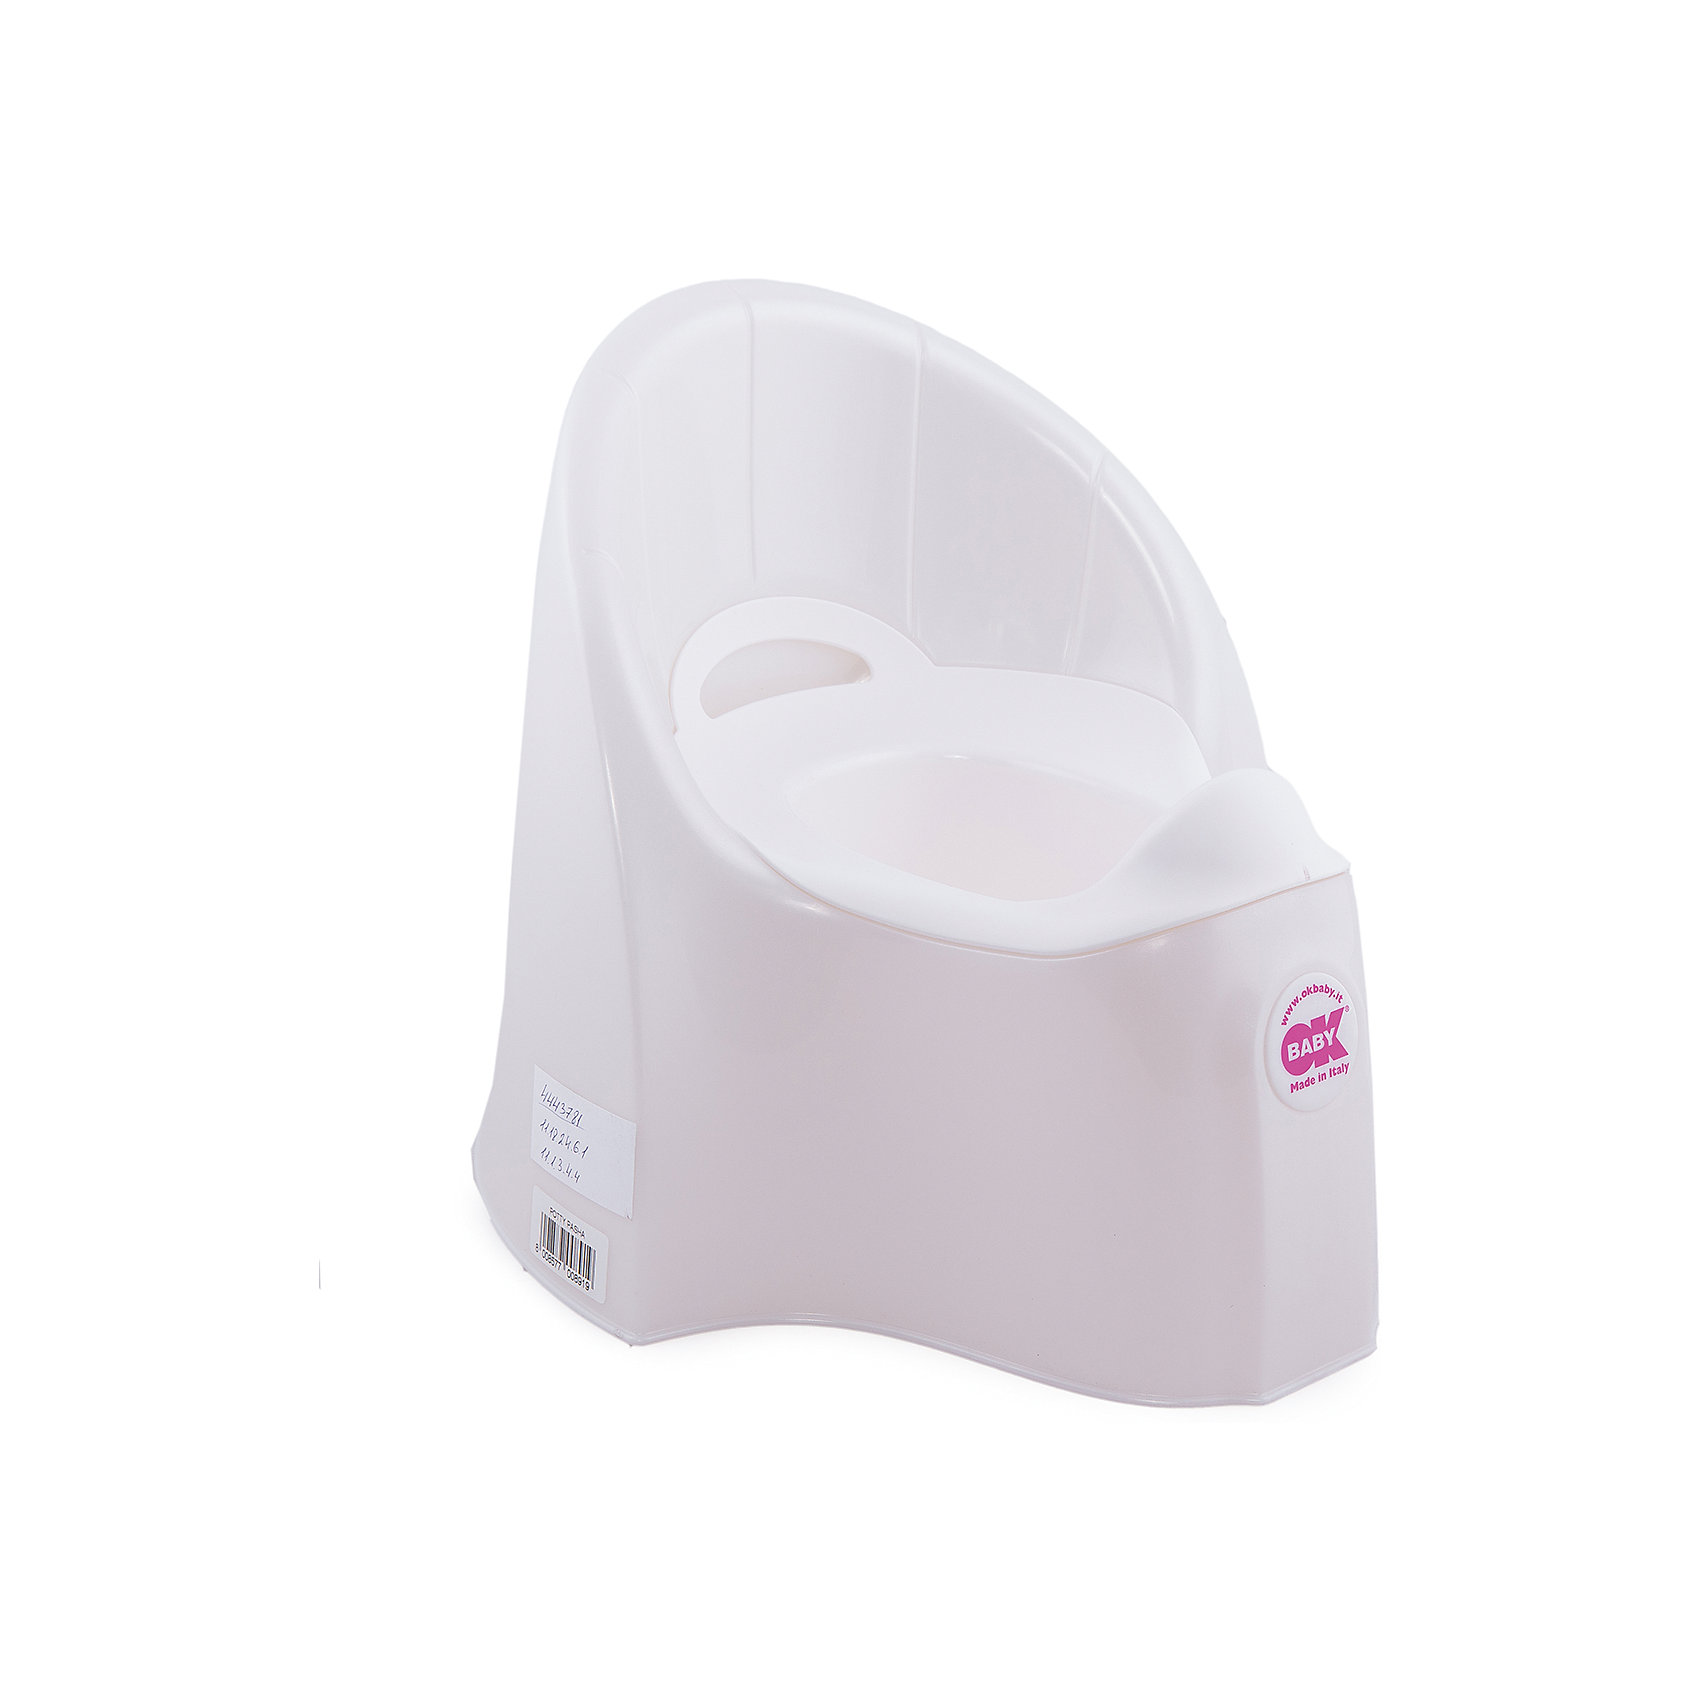 Горшок Pasha, Ok Baby, белыйГоршки, сиденья для унитаза, стульчики-подставки<br>Горшок имеет анатомическое сиденье и съемную емкость для удобной очистки. Яркий горшок со спинкой обязательно понравится ребенку и обеспечит ему максимальный комфорт, что является важным фактором в приучении ребенка к туалету. Изделие выполнено из высококачественного прочного пластика, для большей устойчивости оснащено антискользящей накладкой внизу.  <br><br>Дополнительная информация:<br><br>- Материал: пластик.<br>- Размер: 33,5 x 36,5 x 31 см.<br>- Съемная ёмкость.<br>- Удобная спинка.<br><br>Горшок Pasha, Ok Baby, белый, можно купить в нашем магазине.<br><br>Ширина мм: 365<br>Глубина мм: 335<br>Высота мм: 310<br>Вес г: 2500<br>Возраст от месяцев: 6<br>Возраст до месяцев: 36<br>Пол: Унисекс<br>Возраст: Детский<br>SKU: 4443781